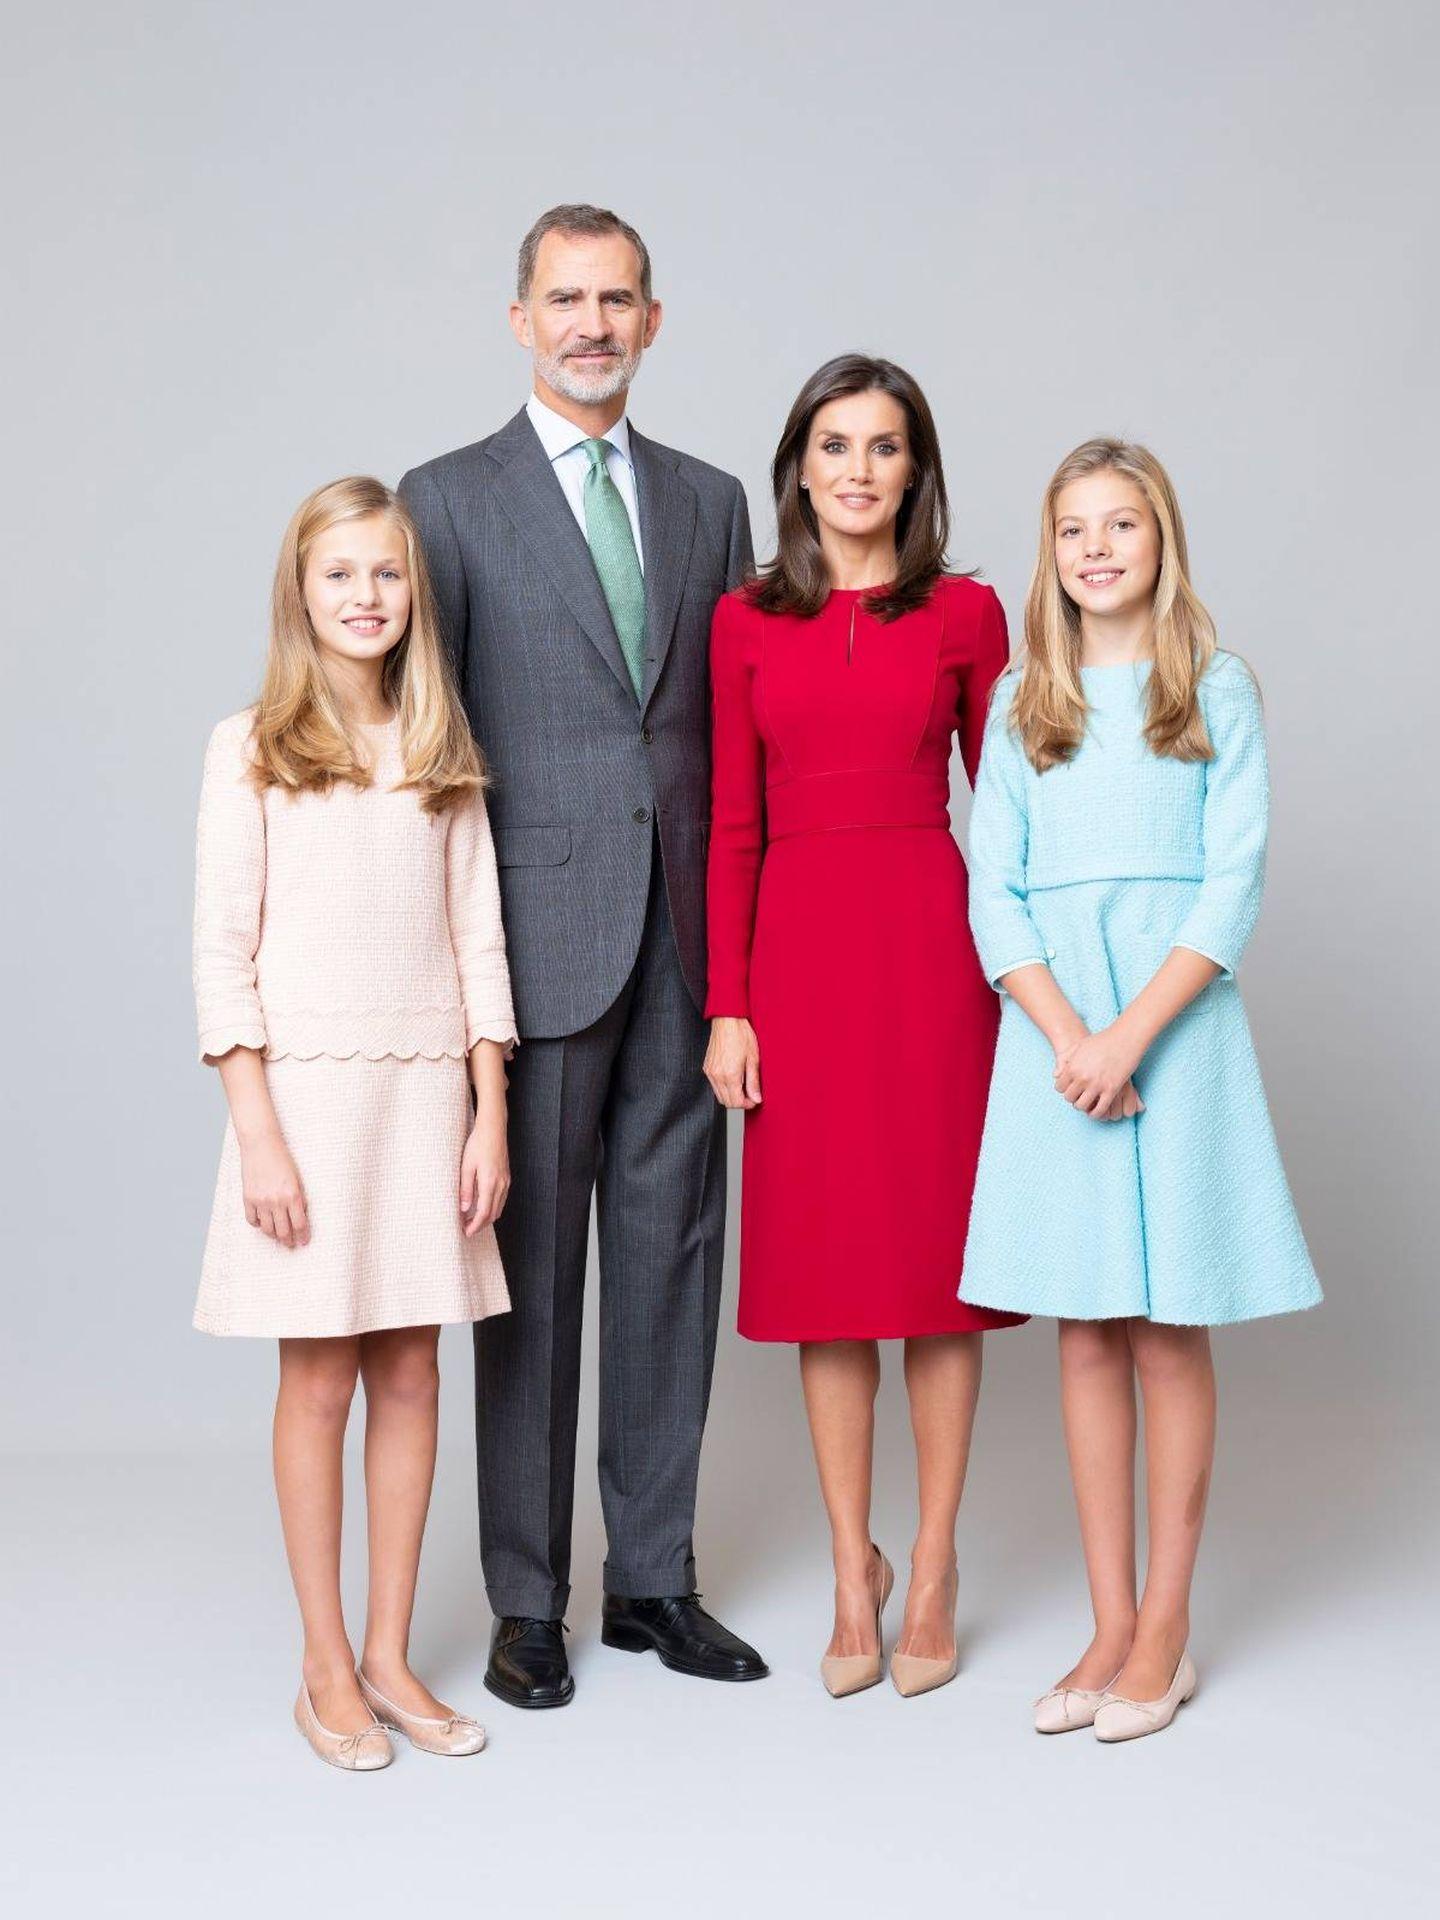 Fotografía oficial de la familia real. (Estela de Castro / Casa Real)